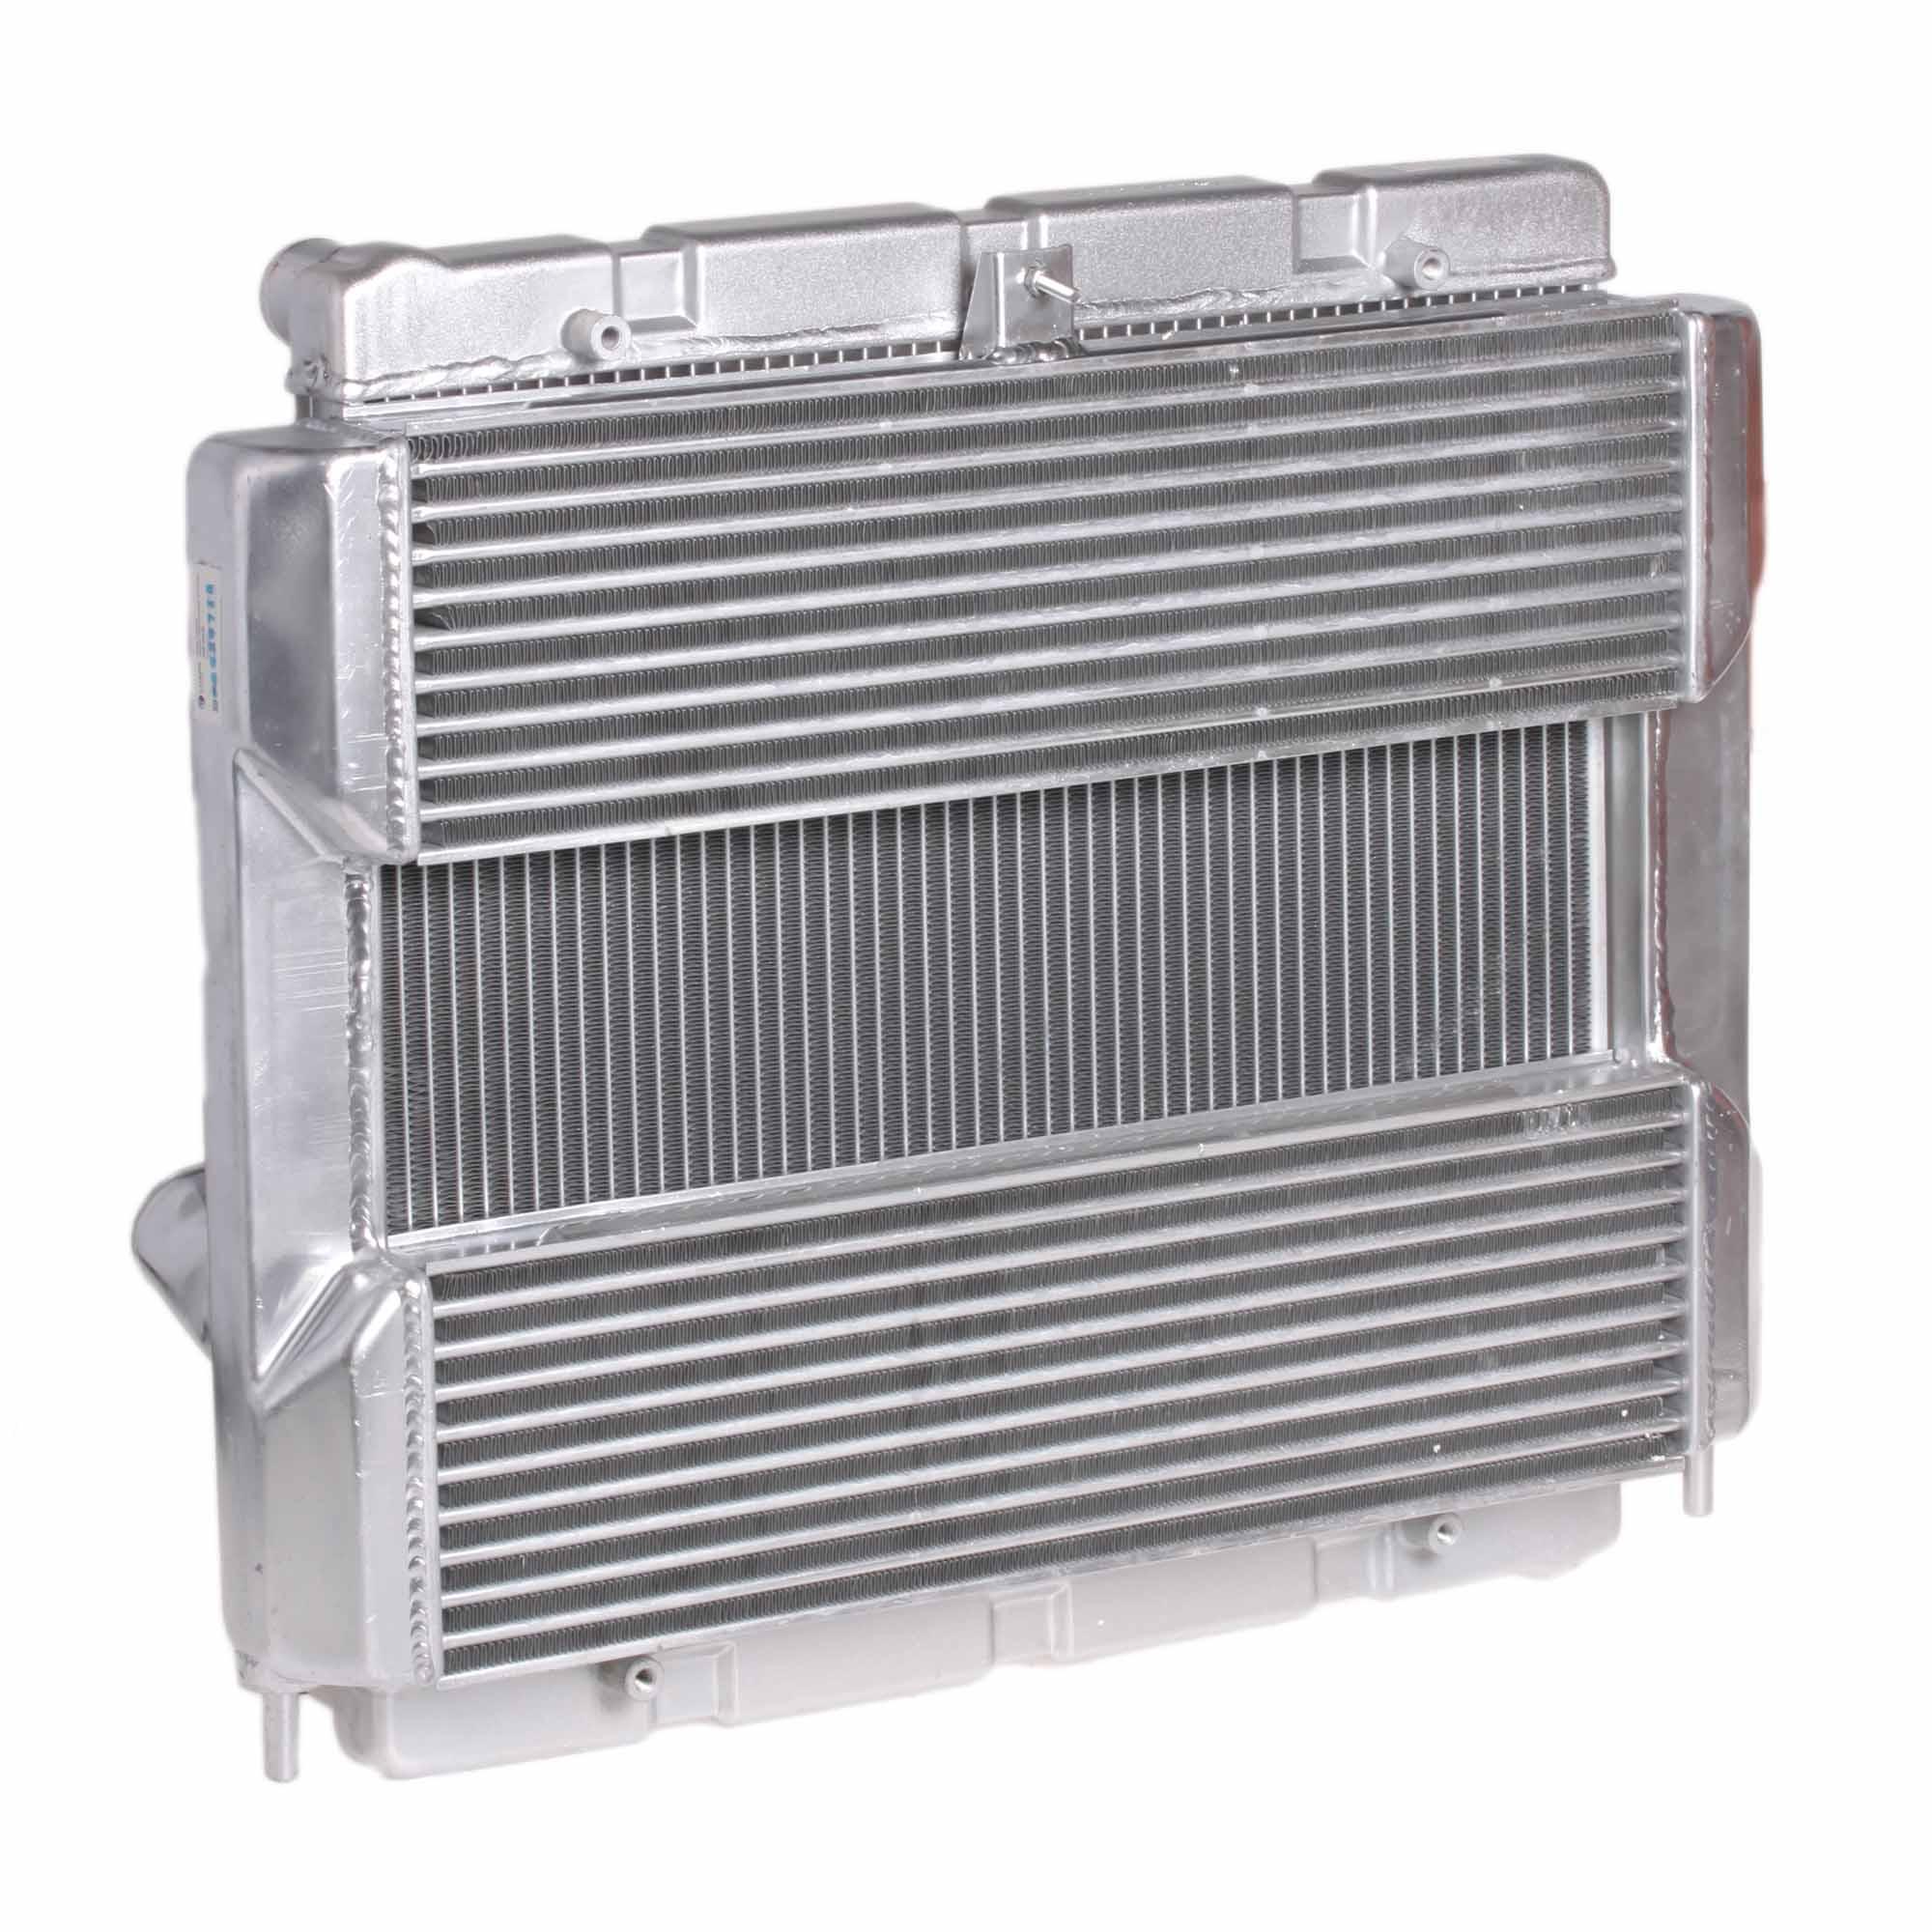 Блок охлаждения (радиатор+интеркулер) для автомобилей GAZelle Business Cummins 2.8D LUZAR фото